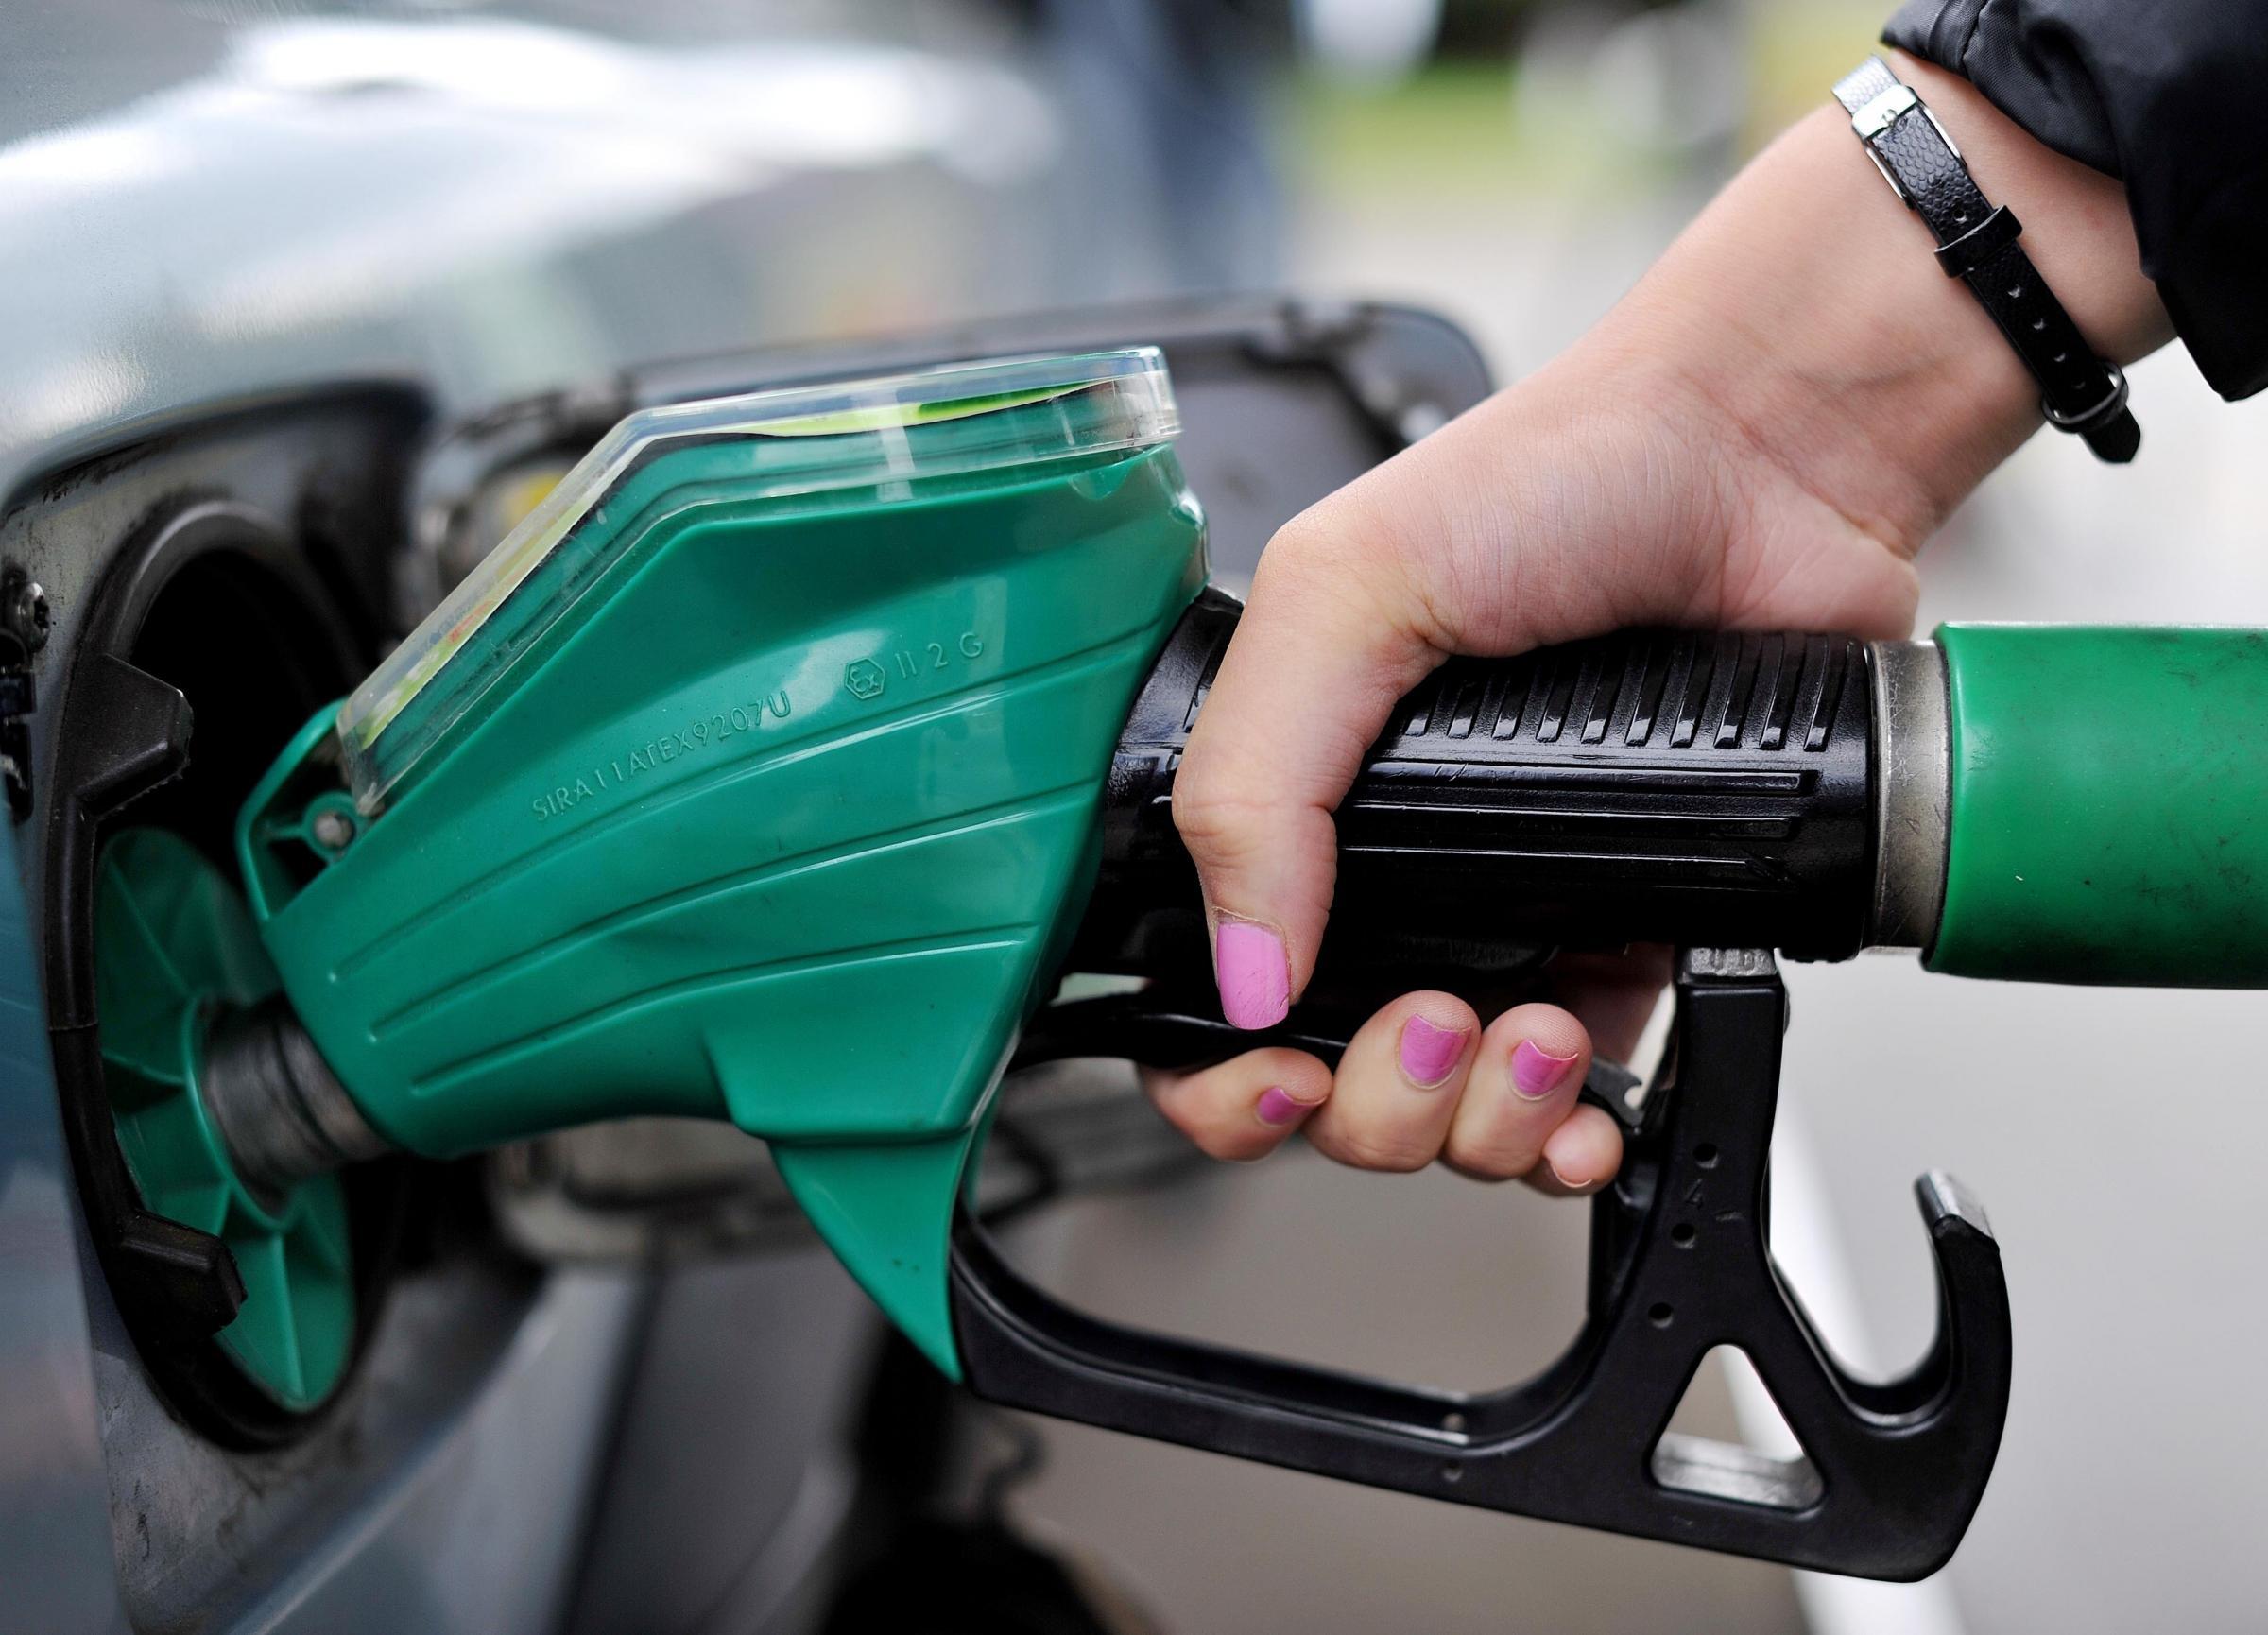 Fuel tax cut: Oxford councillor slates proposed 2p drop